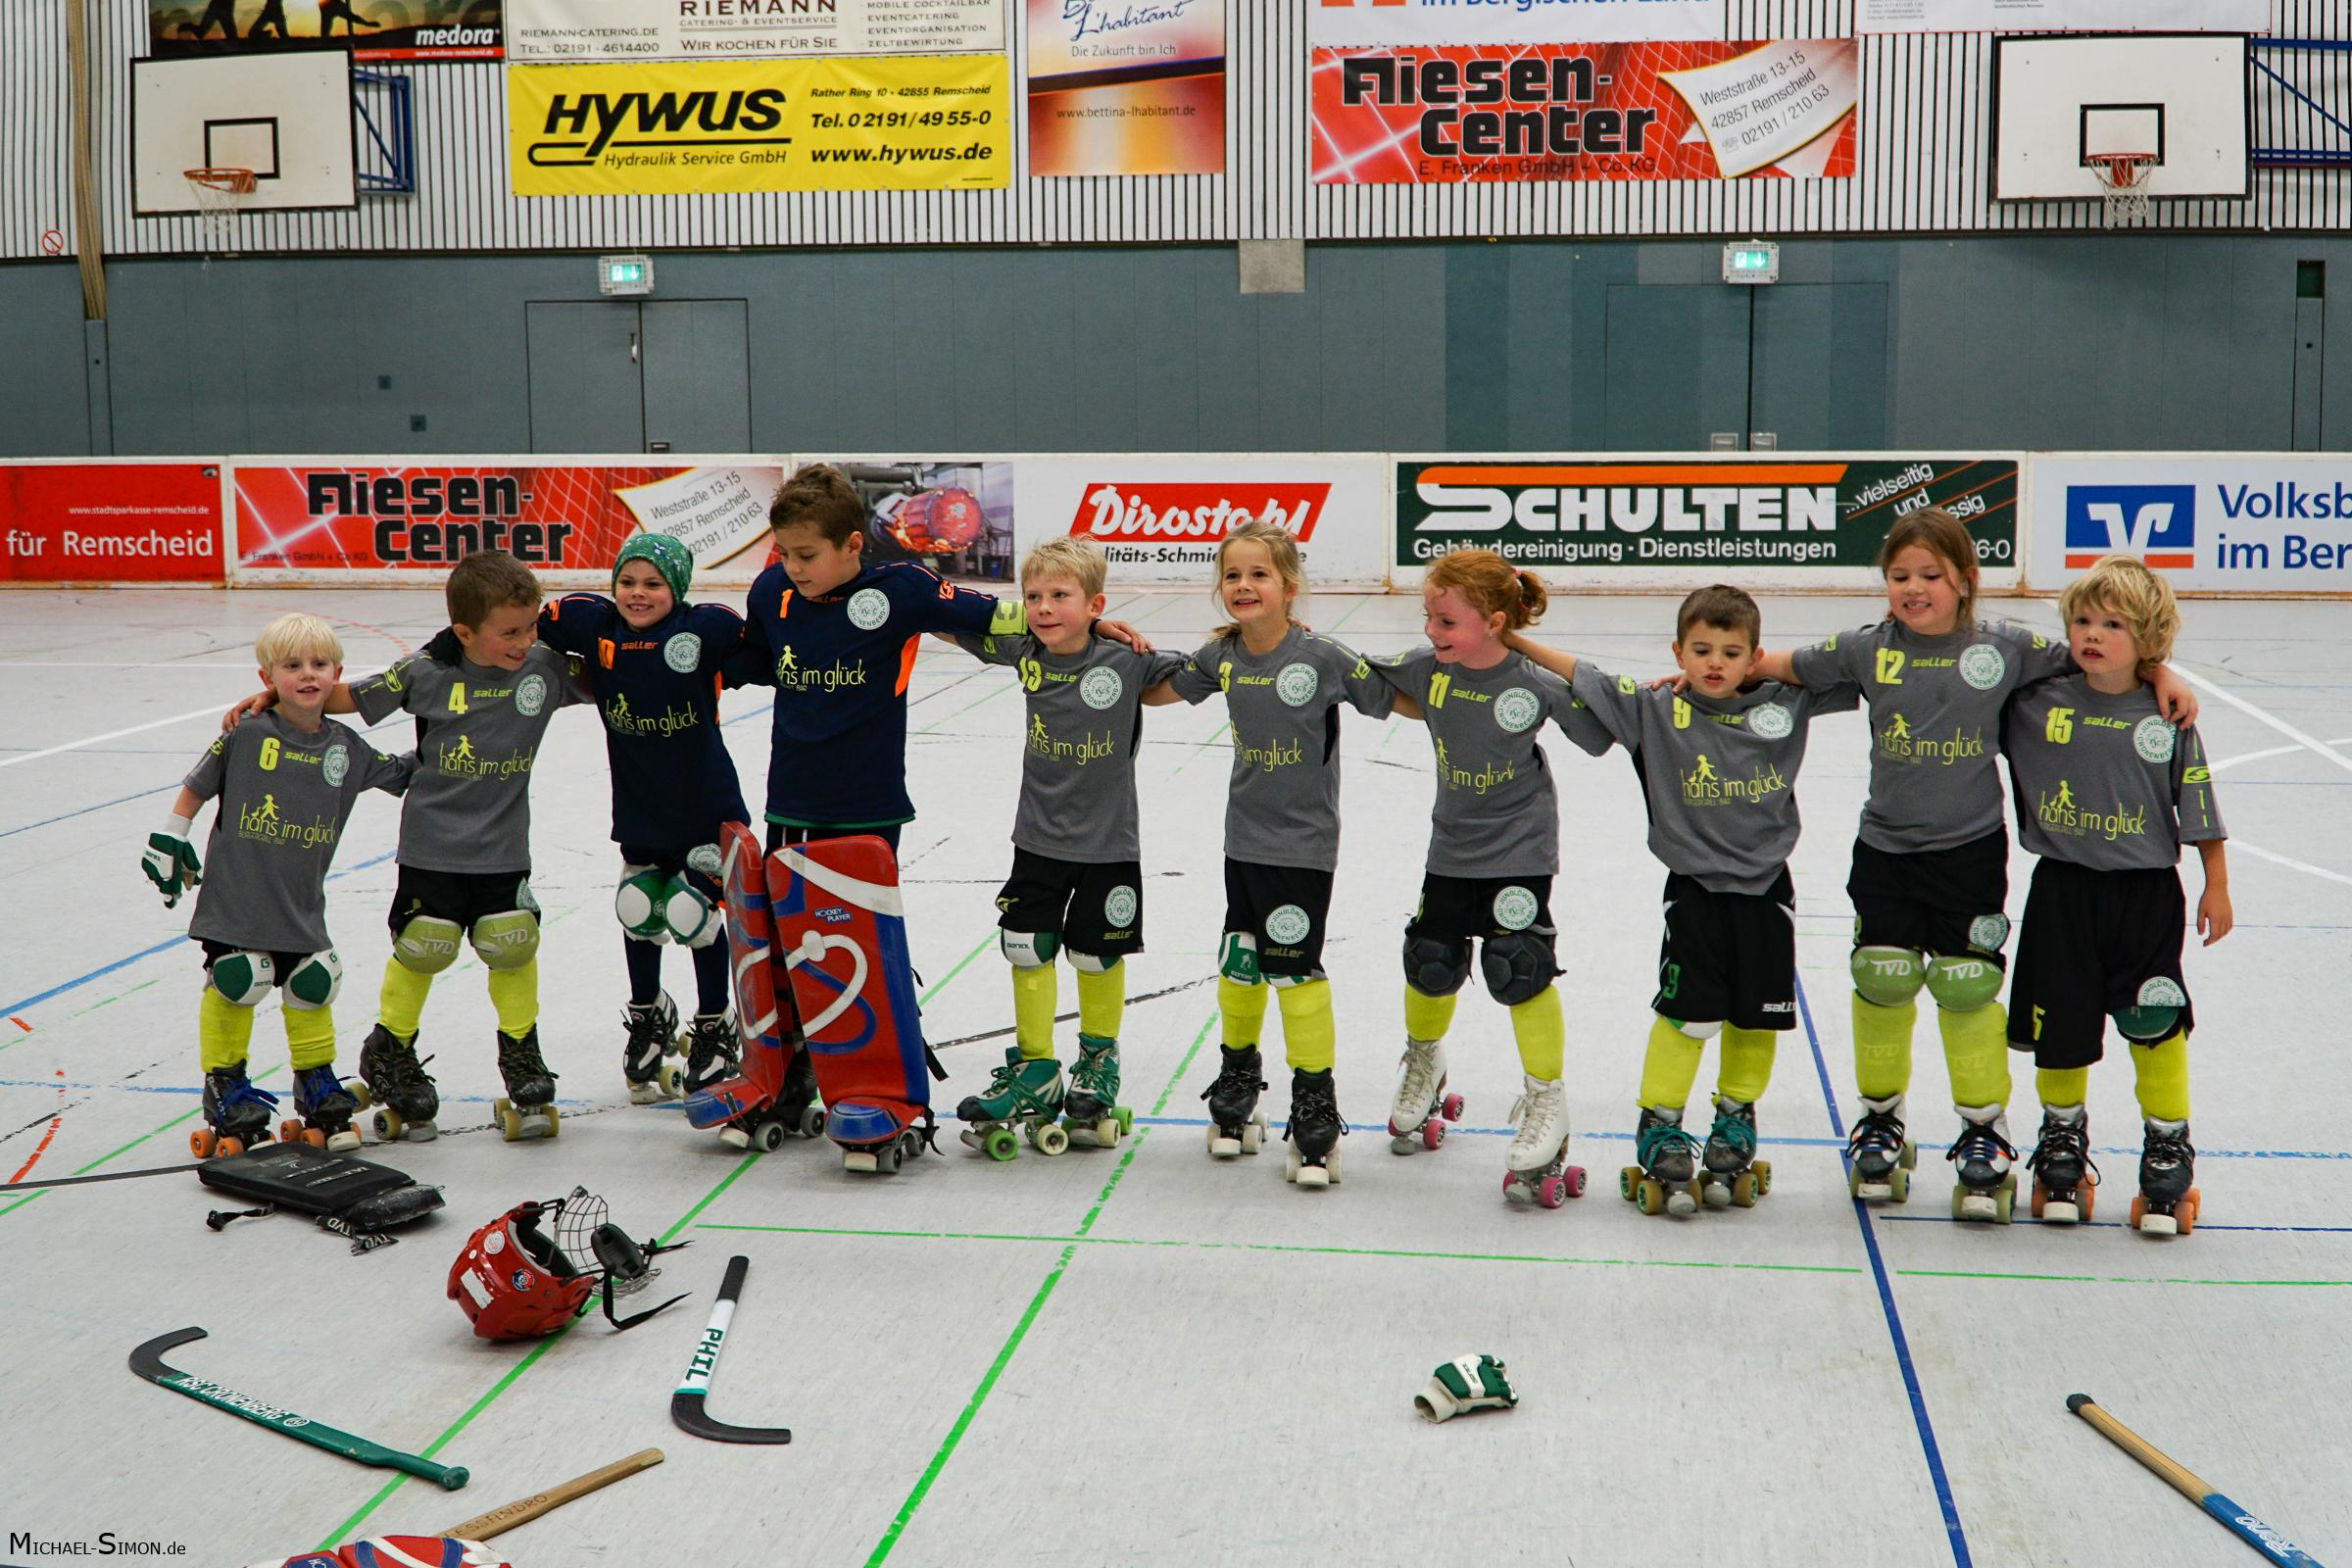 RSC Cronenberg Rollhockey Spieltag U9 08.10.2017